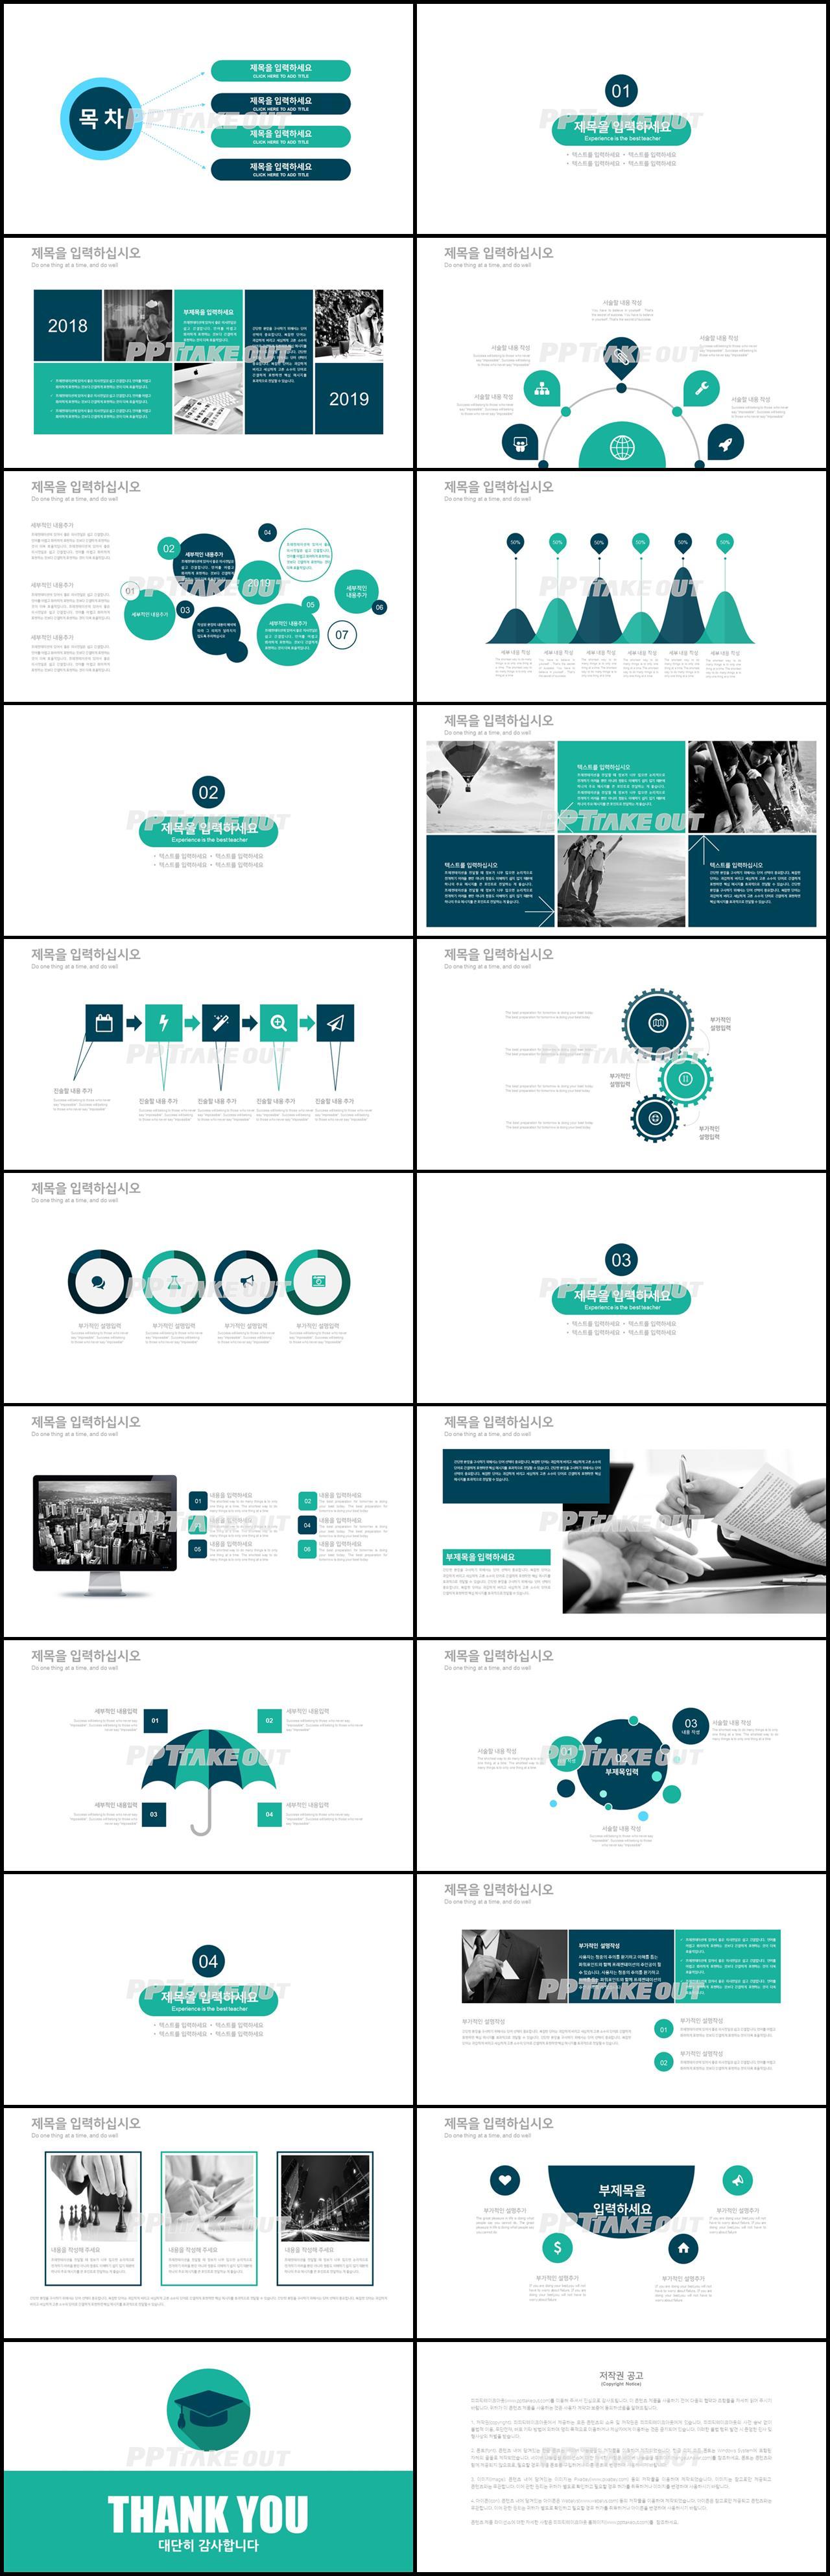 학위논문 초록색 단순한 매력적인 PPT서식 제작 상세보기